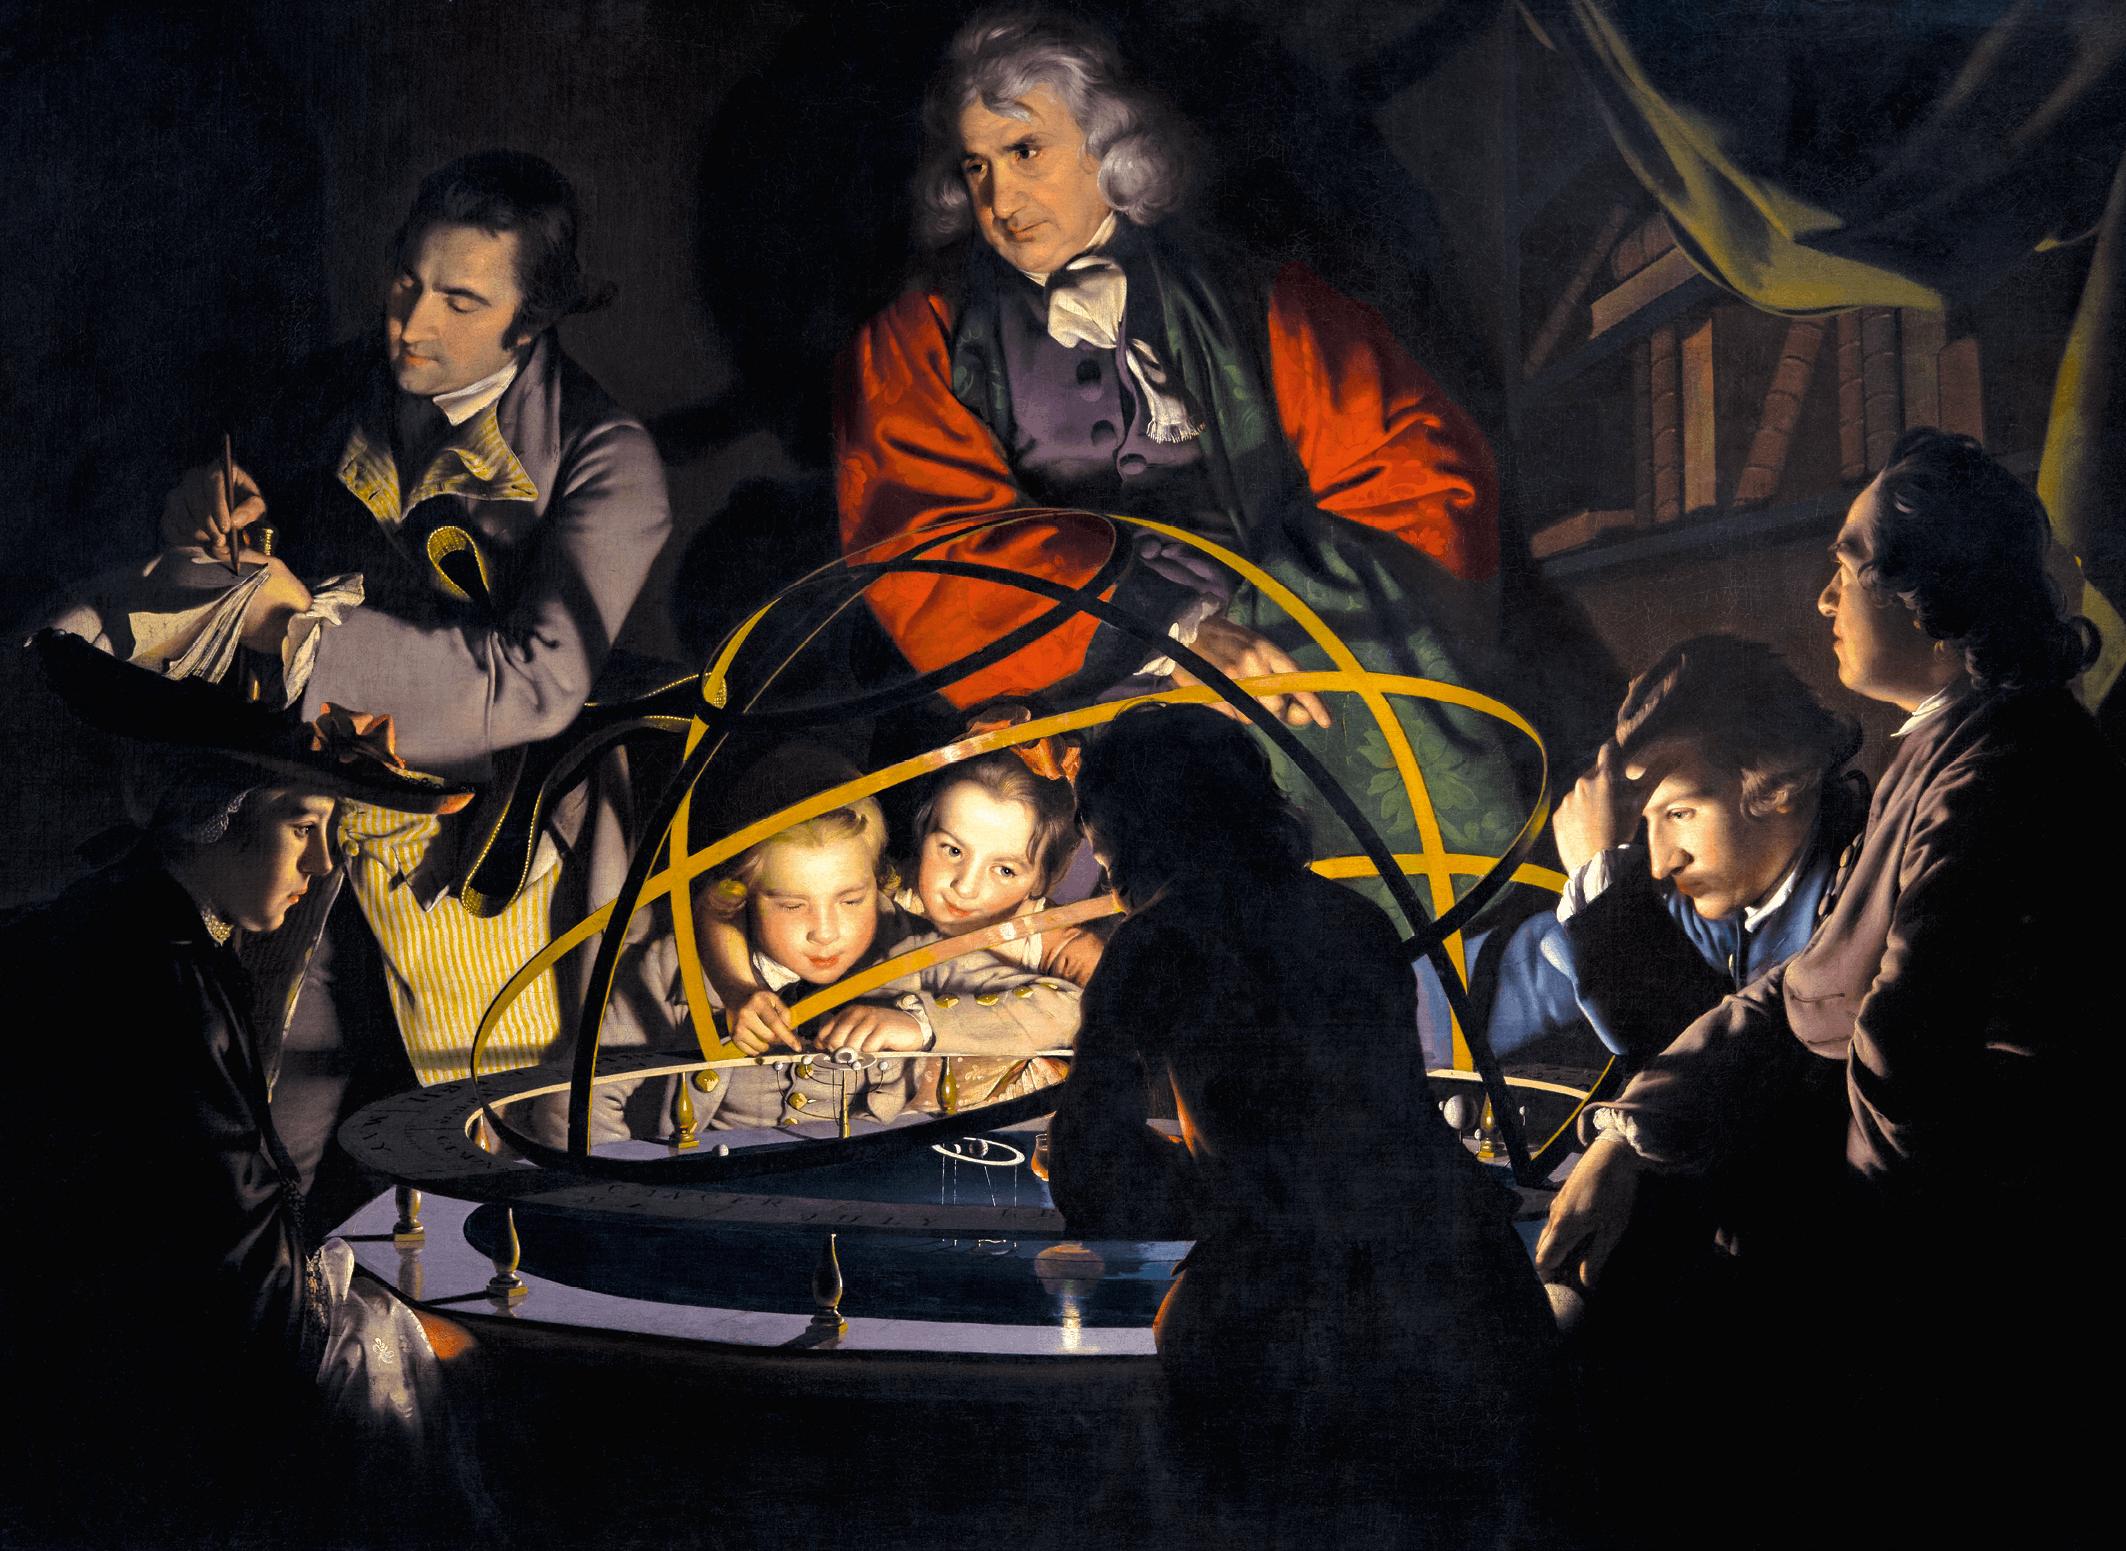 Joseph Wright, Philosophe faisant un exposé sur le planétaire, 1766, huile sur toile, 147 × 203 cm (Derby Museum and Art Gallery).